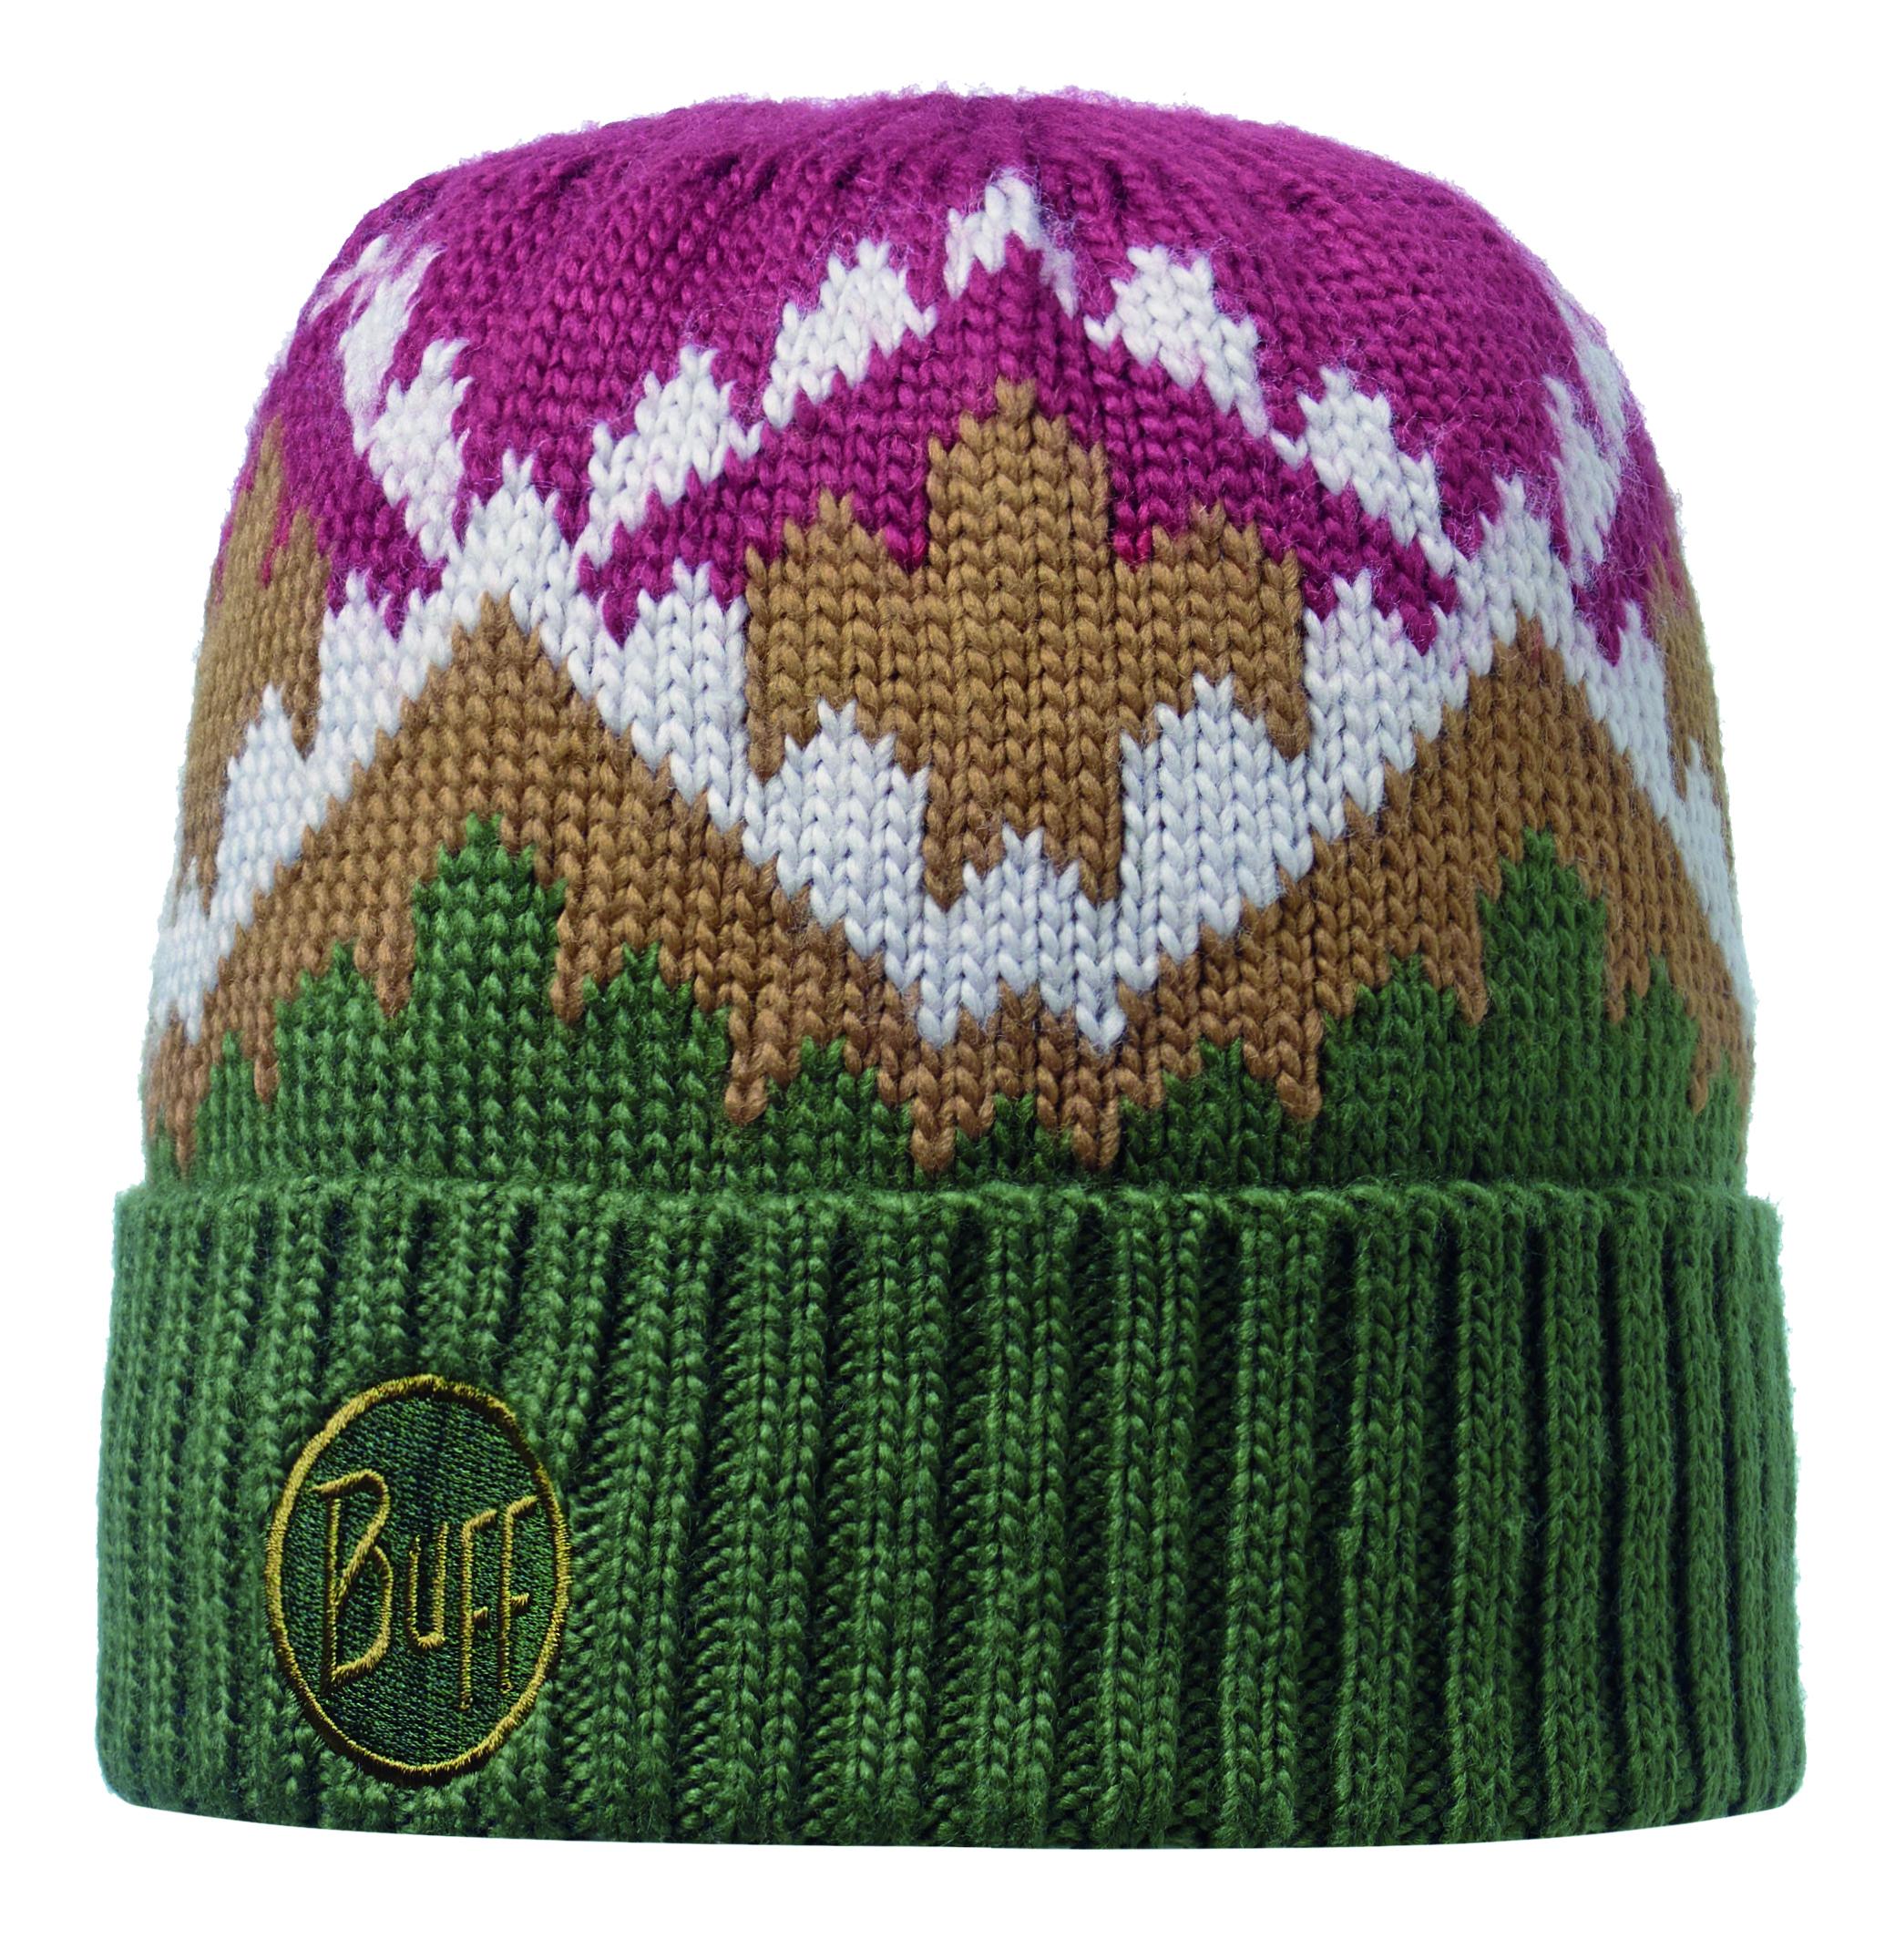 Купить Шапка BUFF KNITTED HATS GYBOL MILITARY Банданы и шарфы Buff ® 1169493